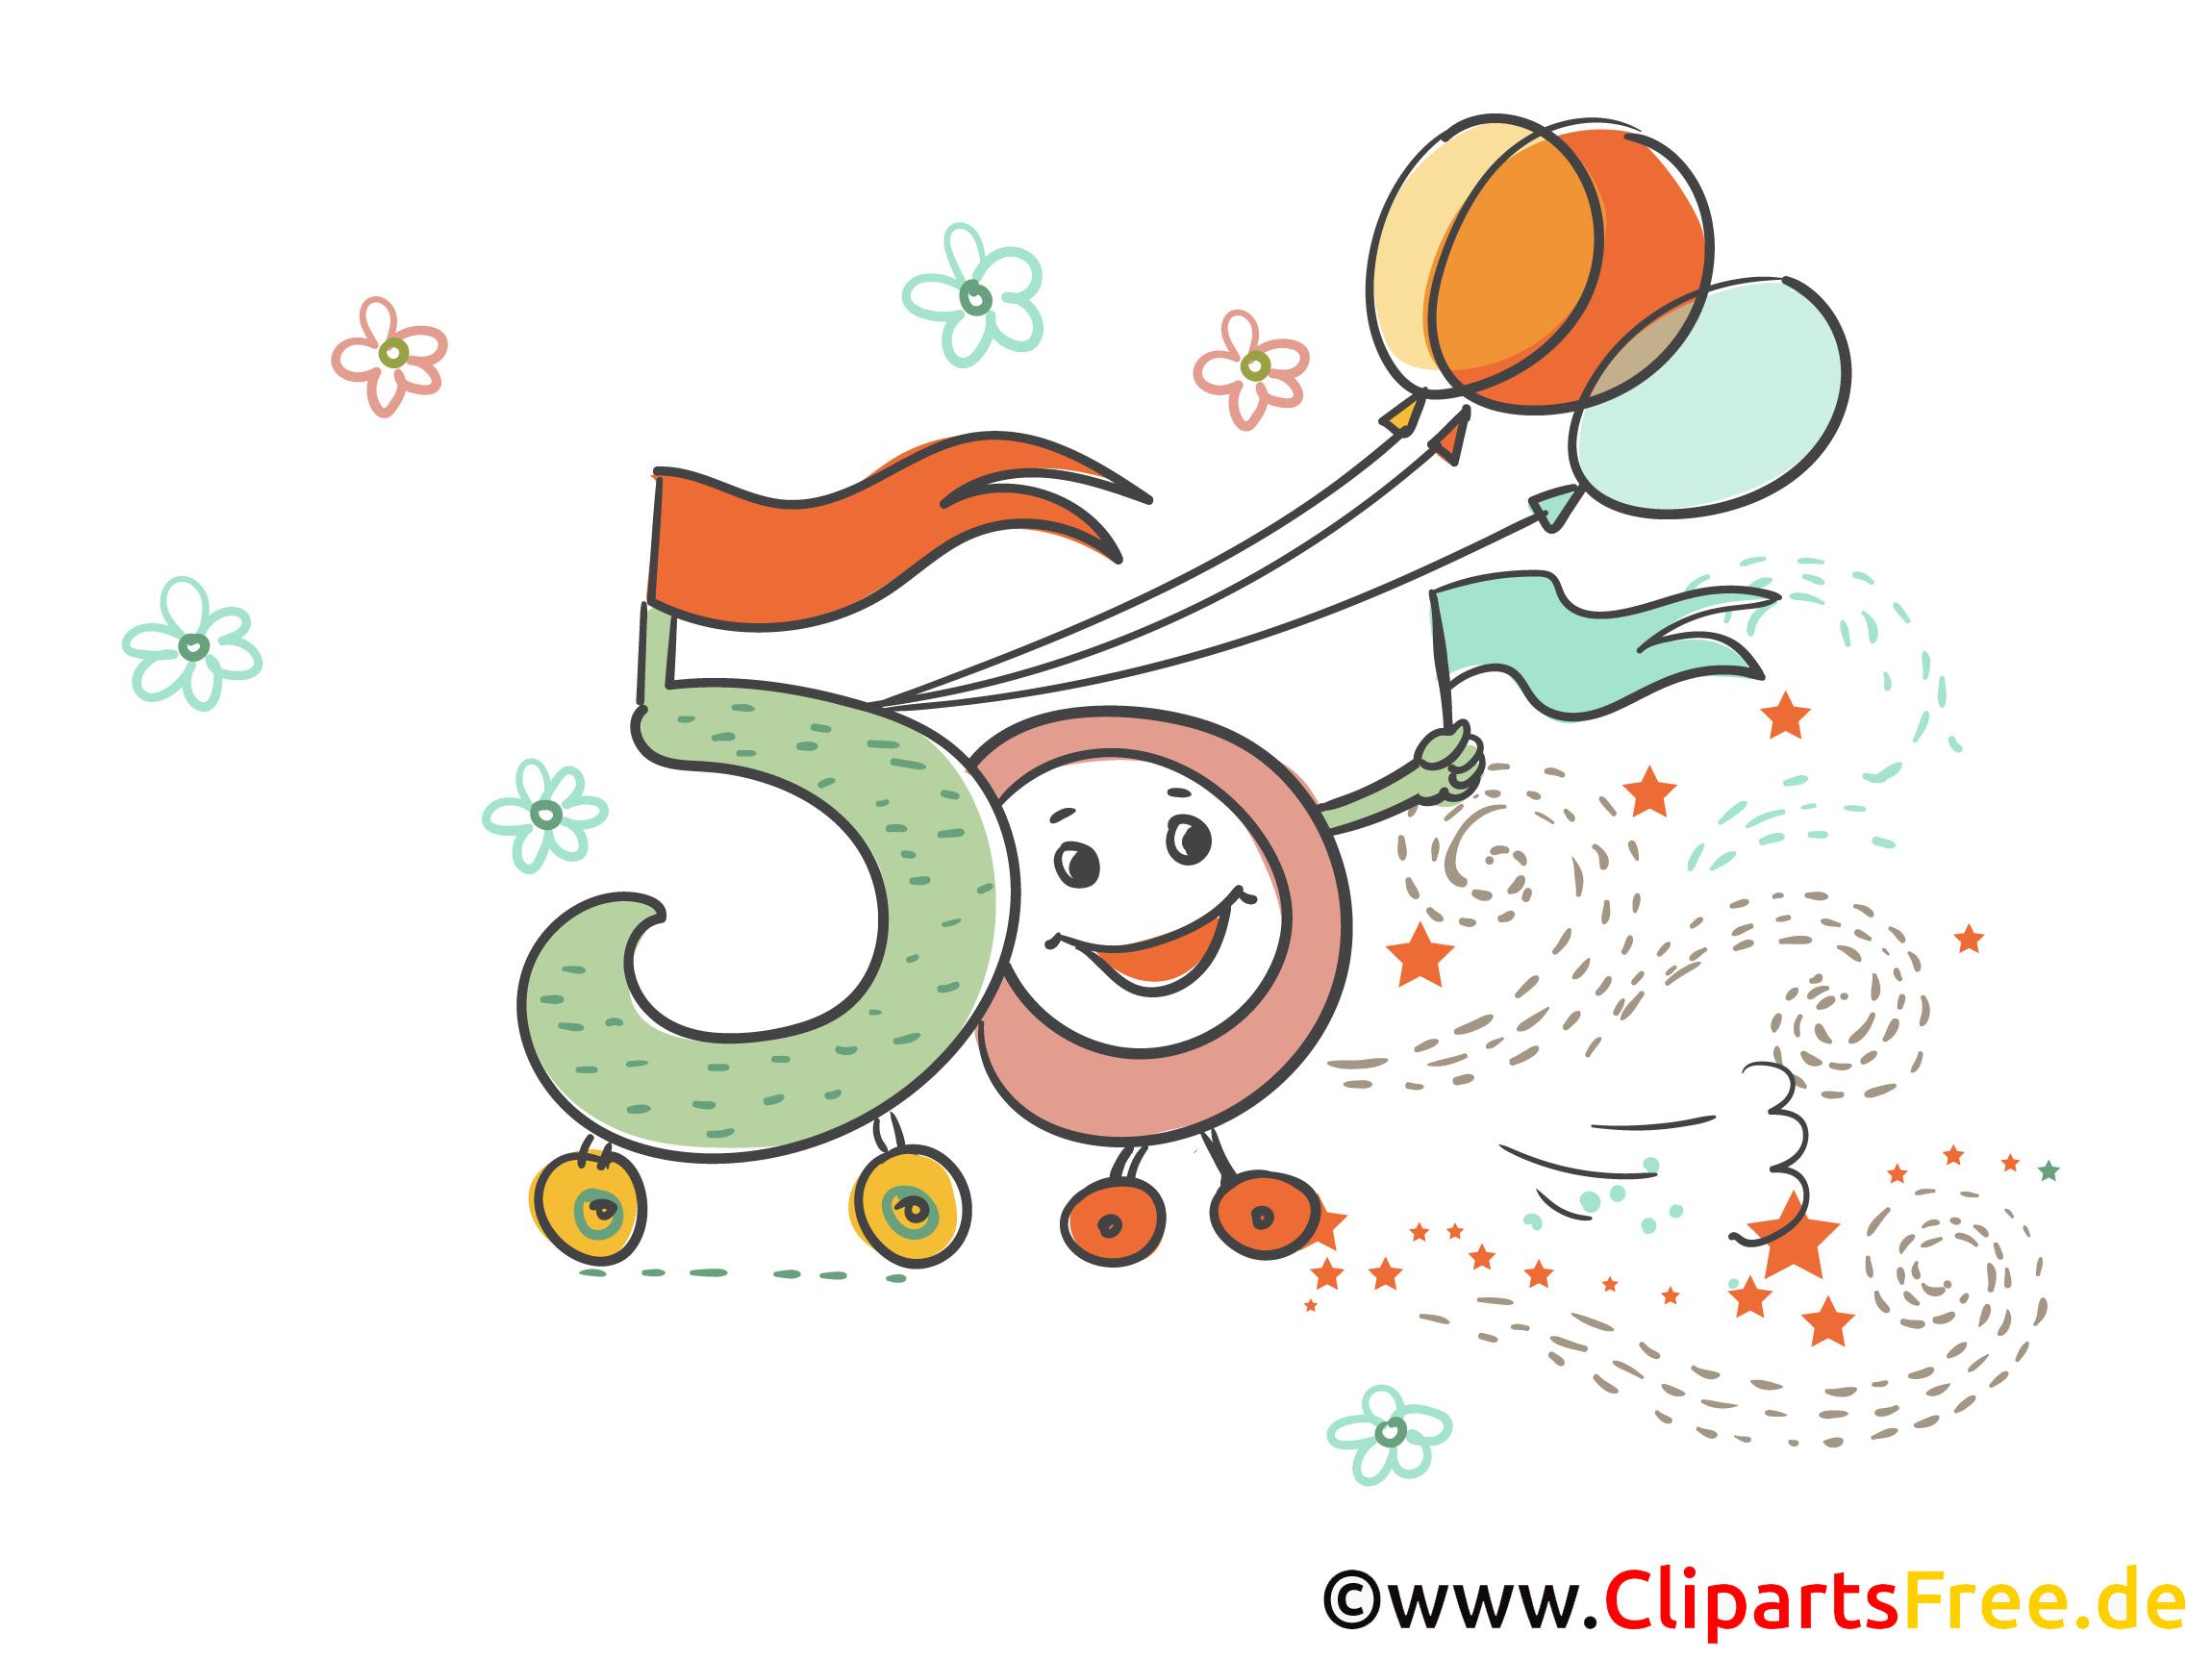 Zum 50 Geburtstag Grußkarte Kostenlos Runde Geburtstage